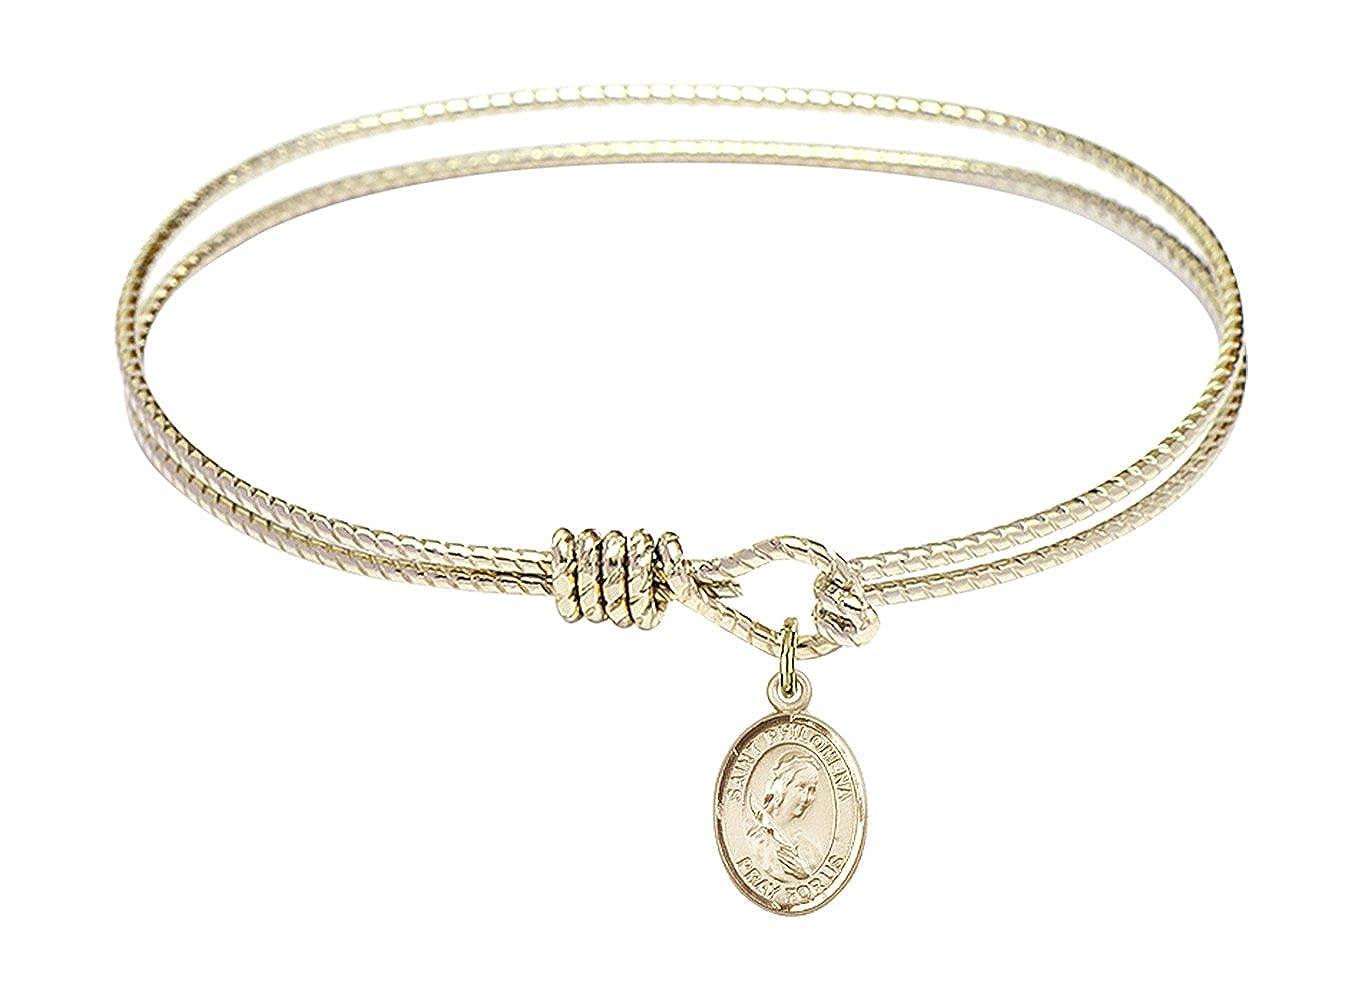 Philomena Charm. DiamondJewelryNY Eye Hook Bangle Bracelet with a St